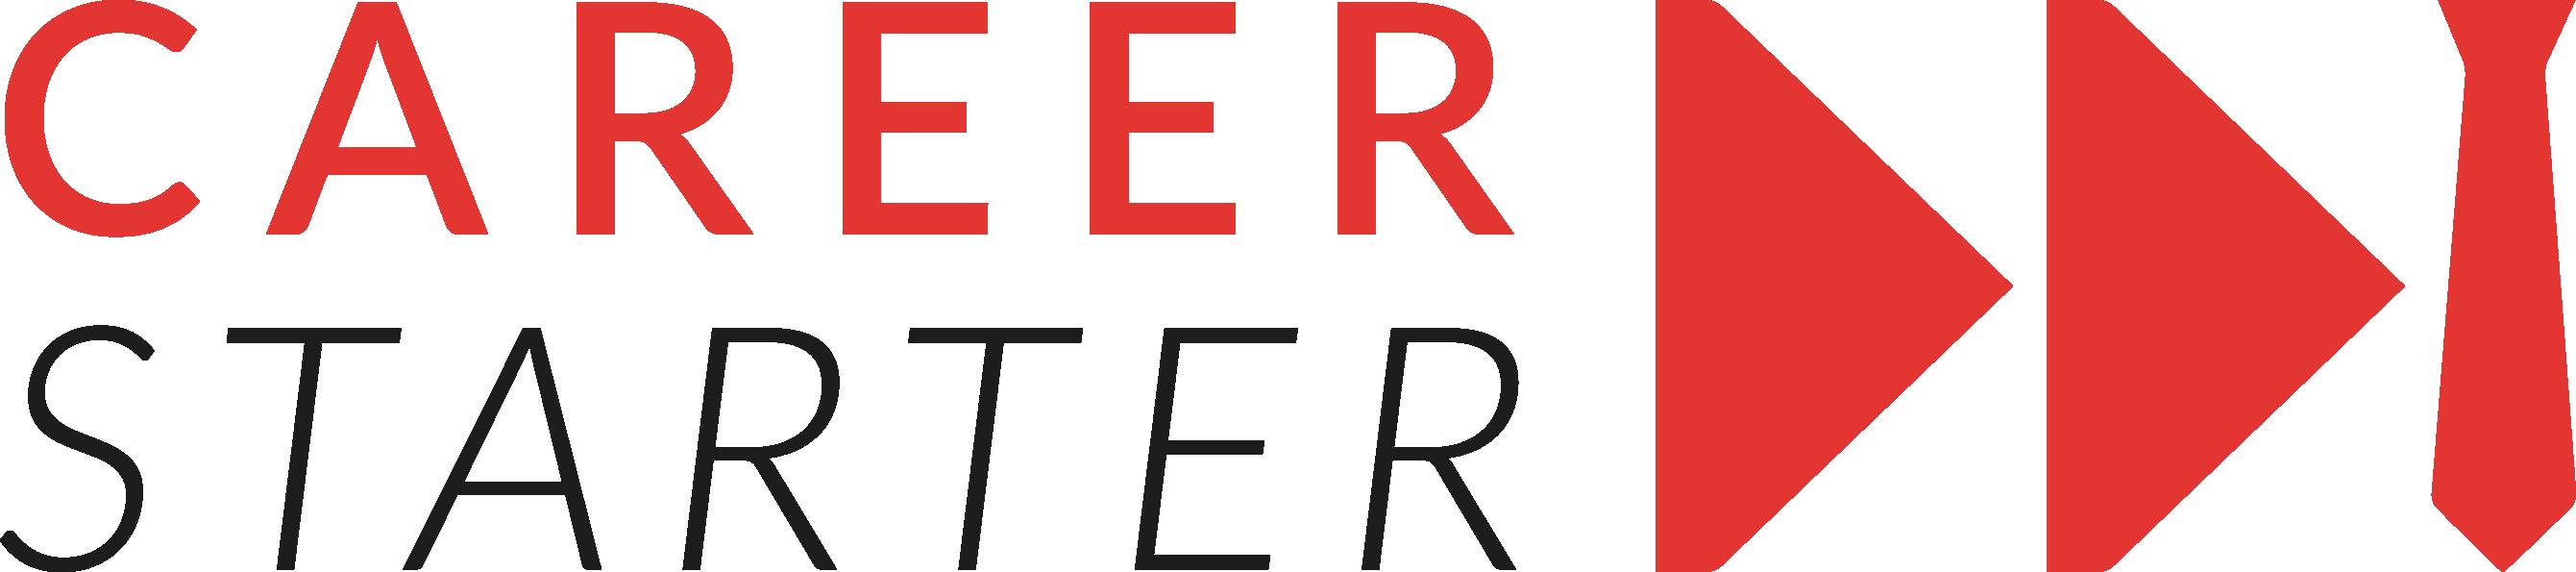 Careerstarter logo